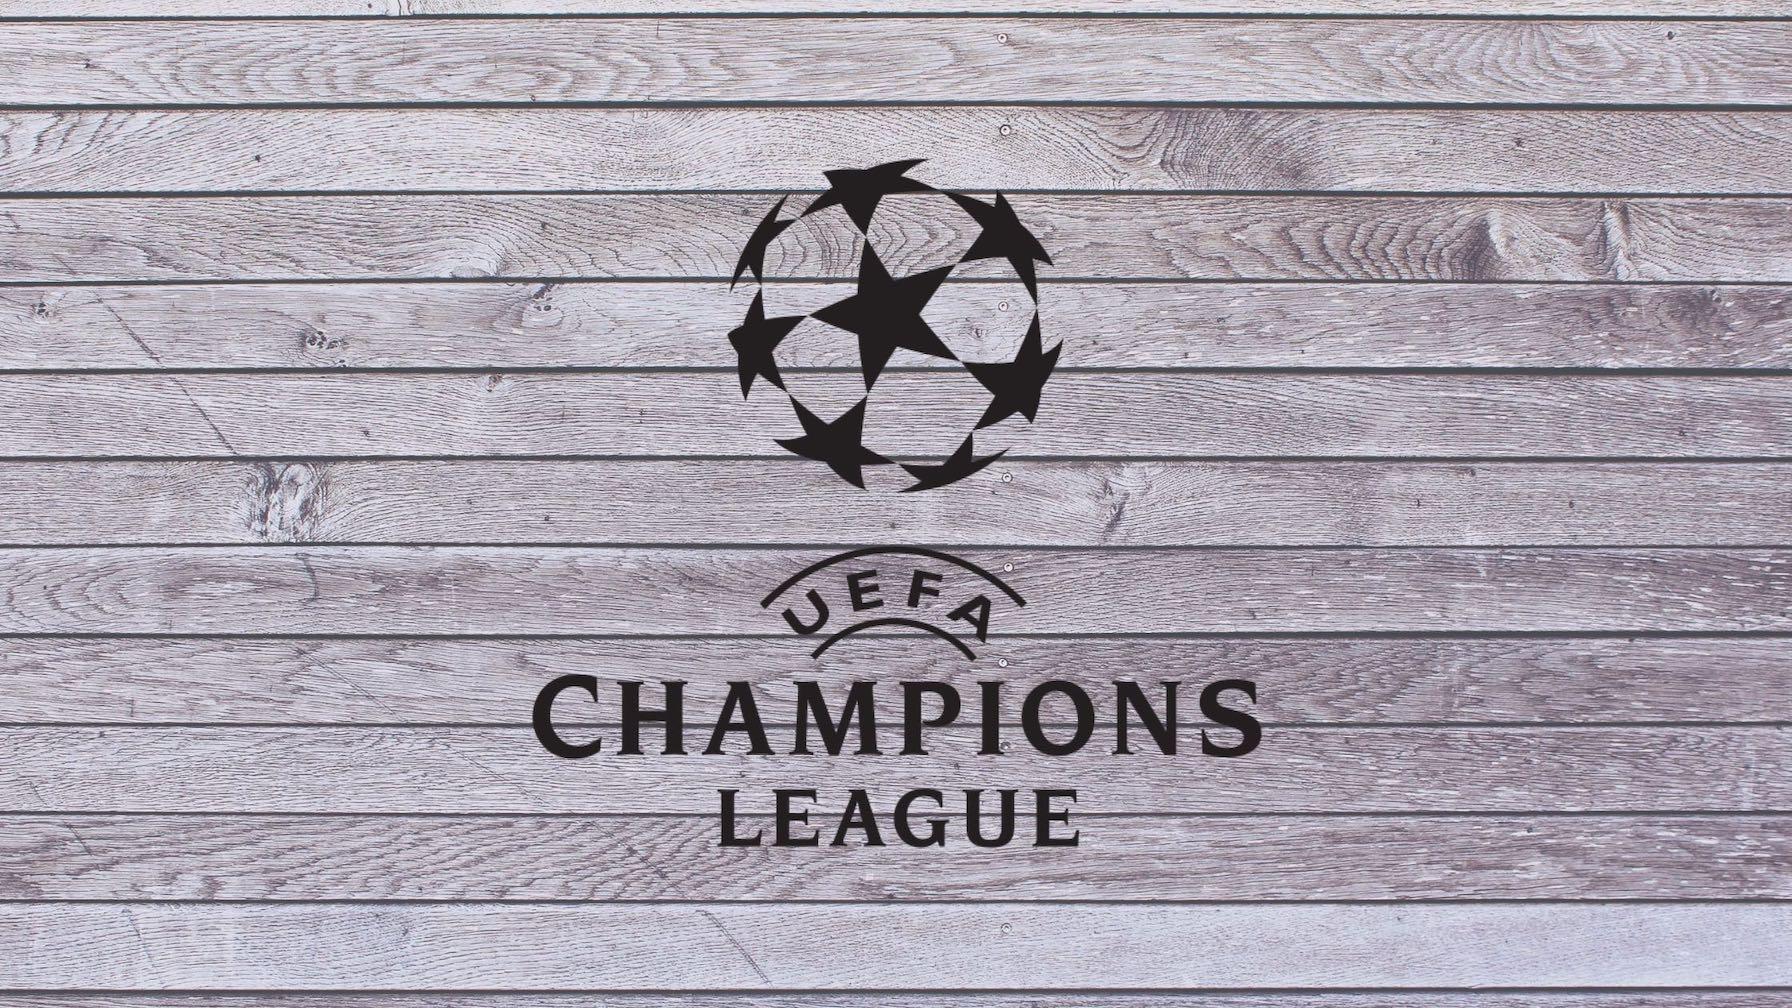 Die Champions League ist der wichtigste Fußball-Klub-Wettbewerb der Welt.